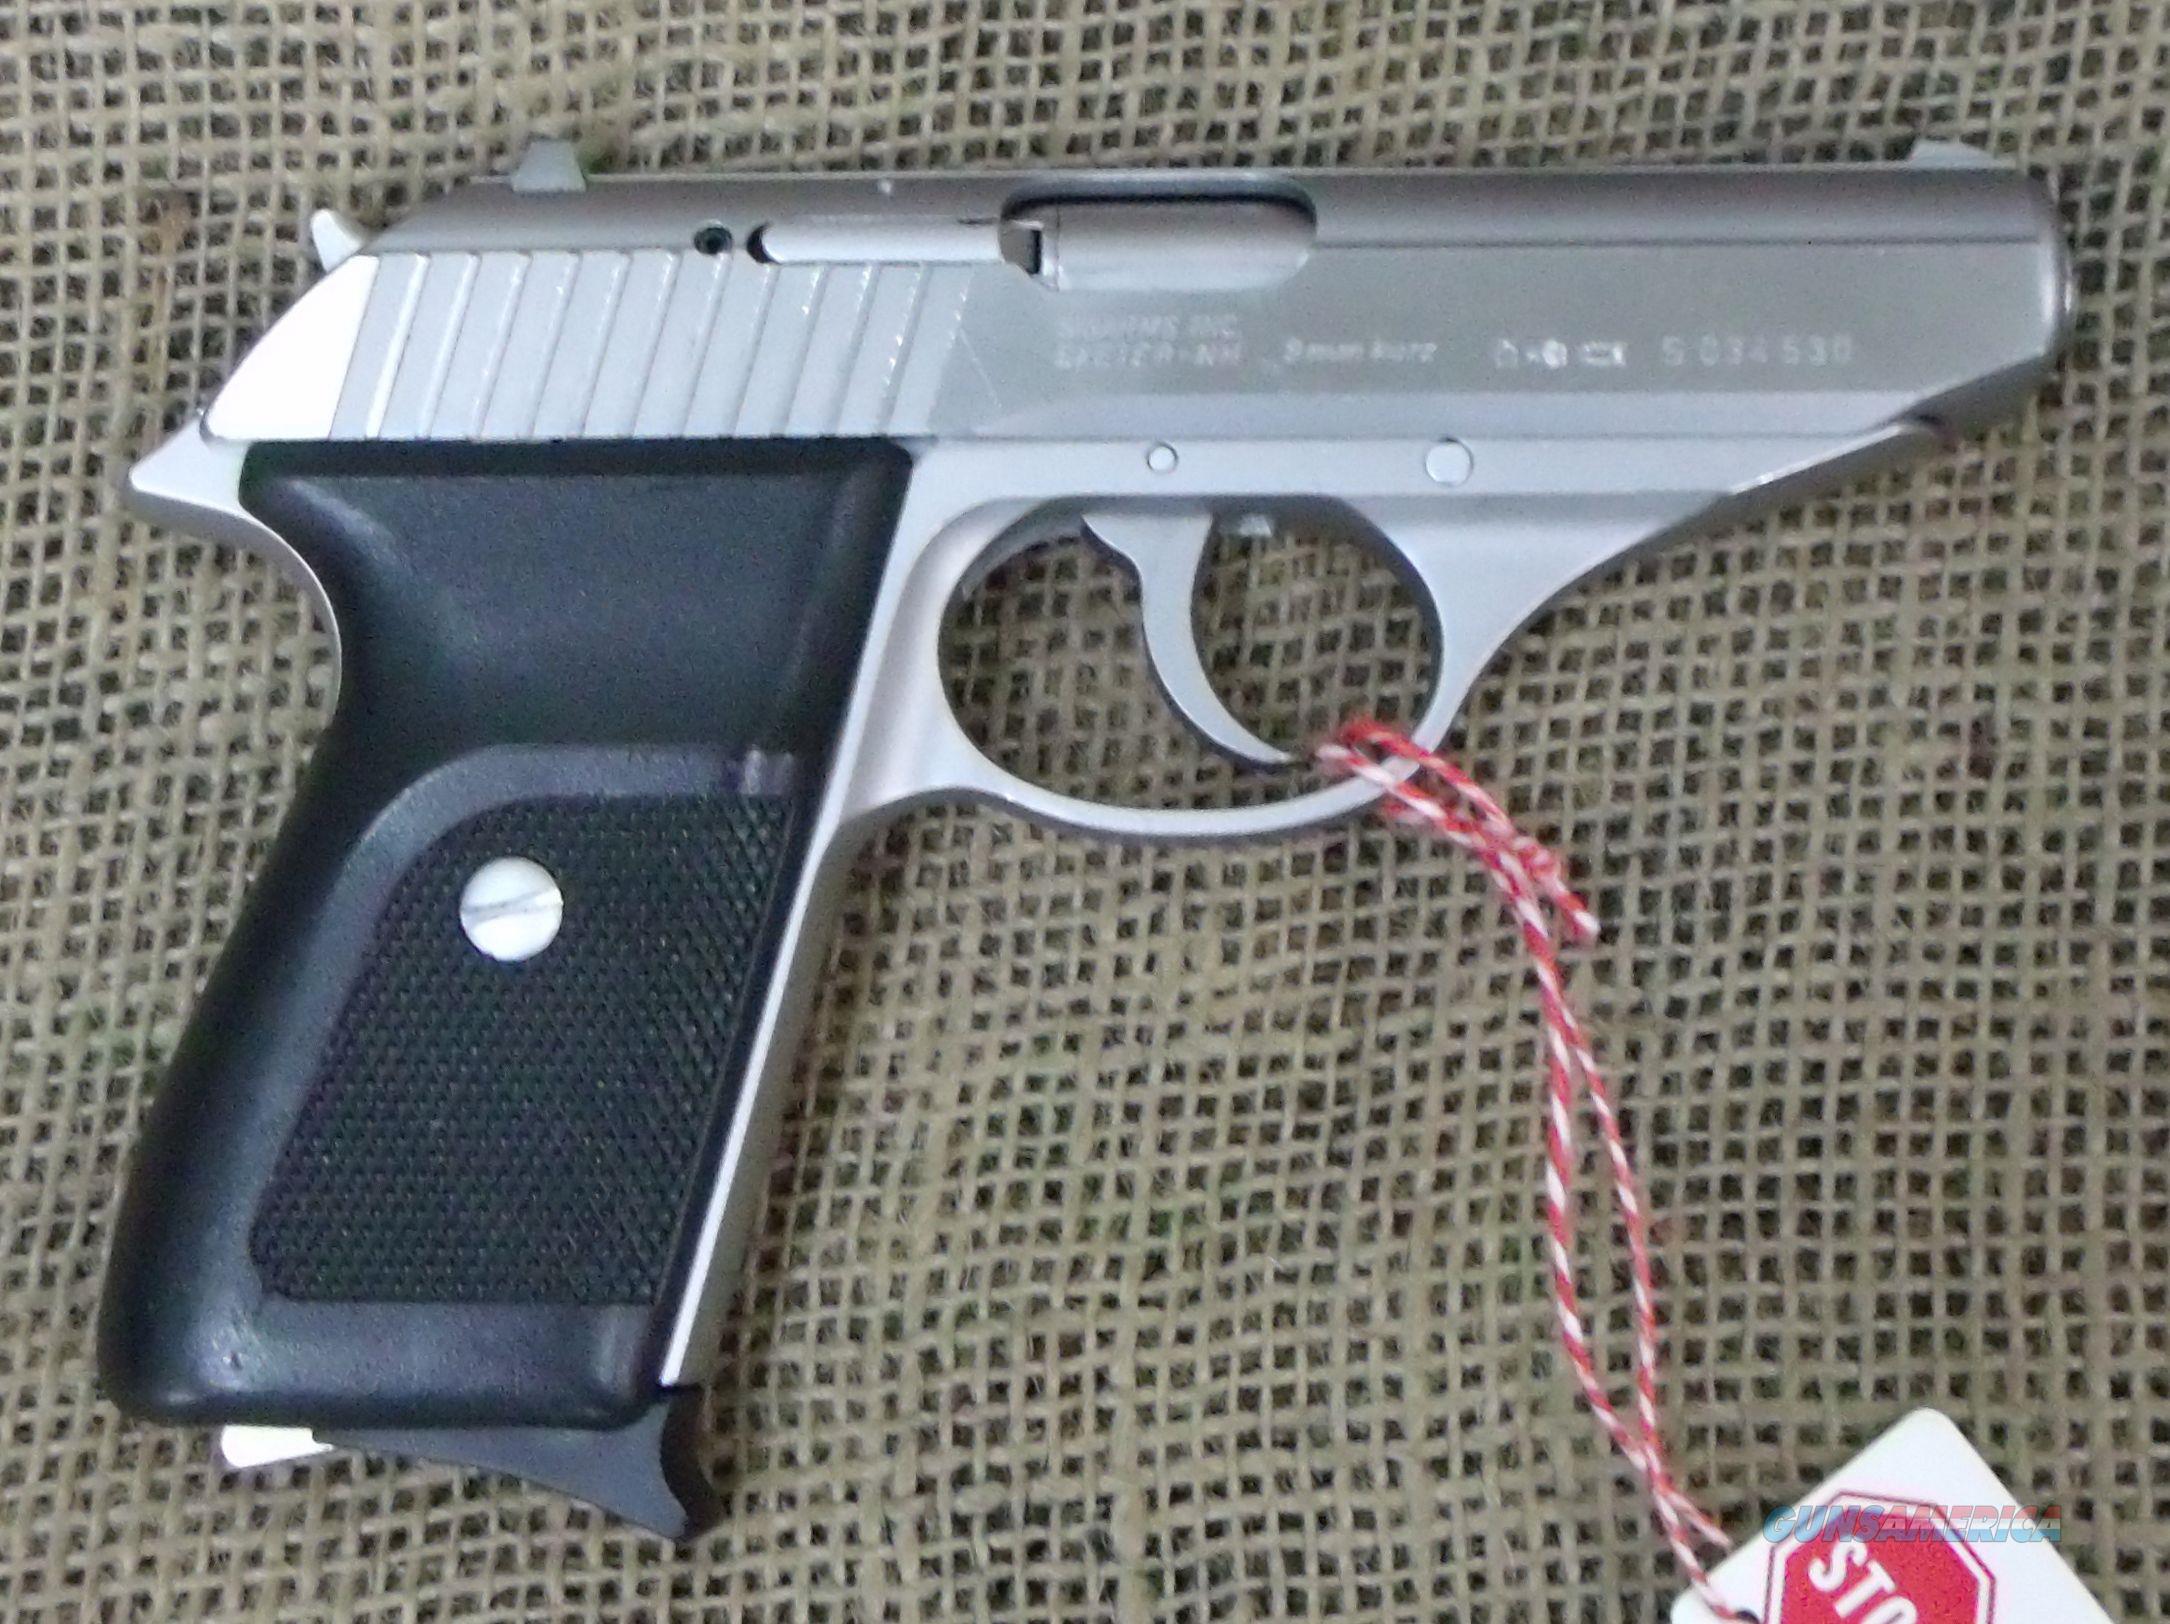 SIG SAUER Mod. P230 SL Semi-Auto Pistol, 380ACP    Guns > Pistols > Sig - Sauer/Sigarms Pistols > P230